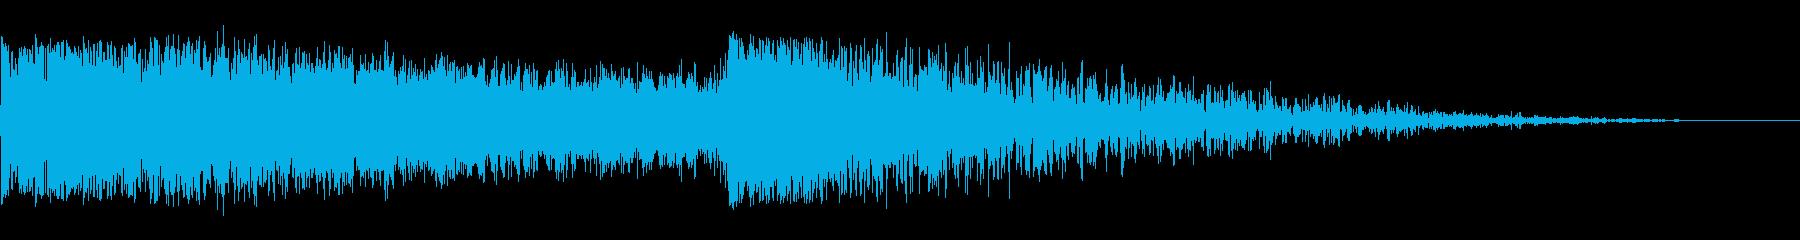 ビッグシグナルスウィープアンドドロ...の再生済みの波形